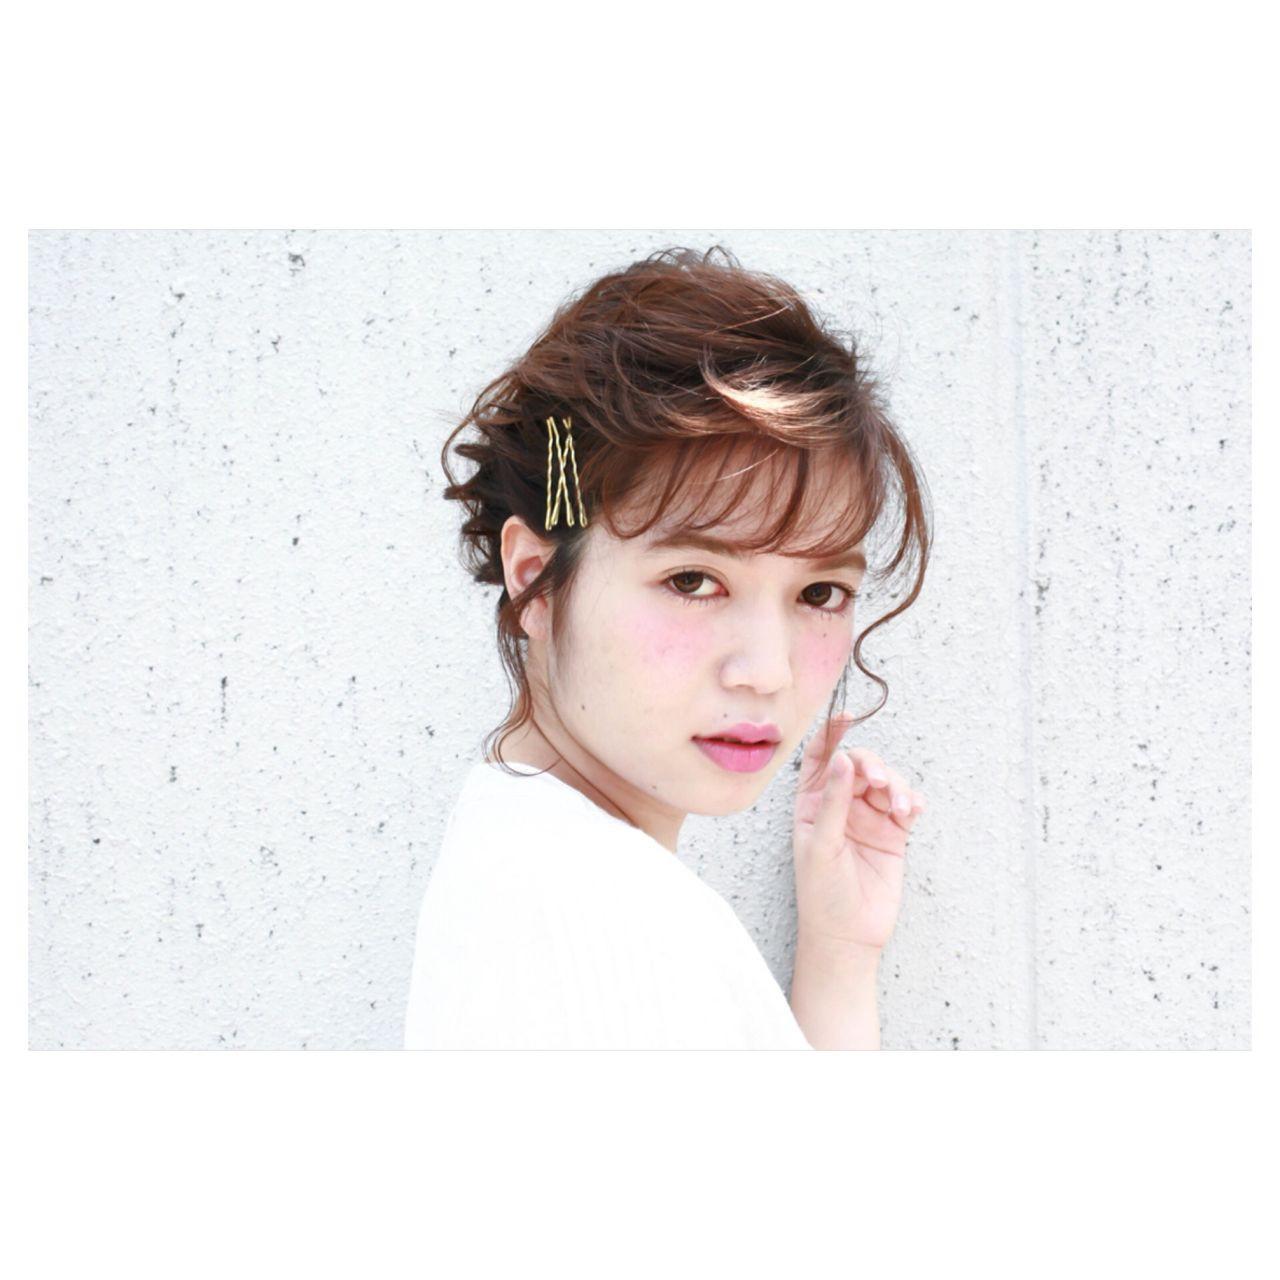 新たな魅力を発見?ショートヘア×編み込みでオシャレ度UP Yukimi